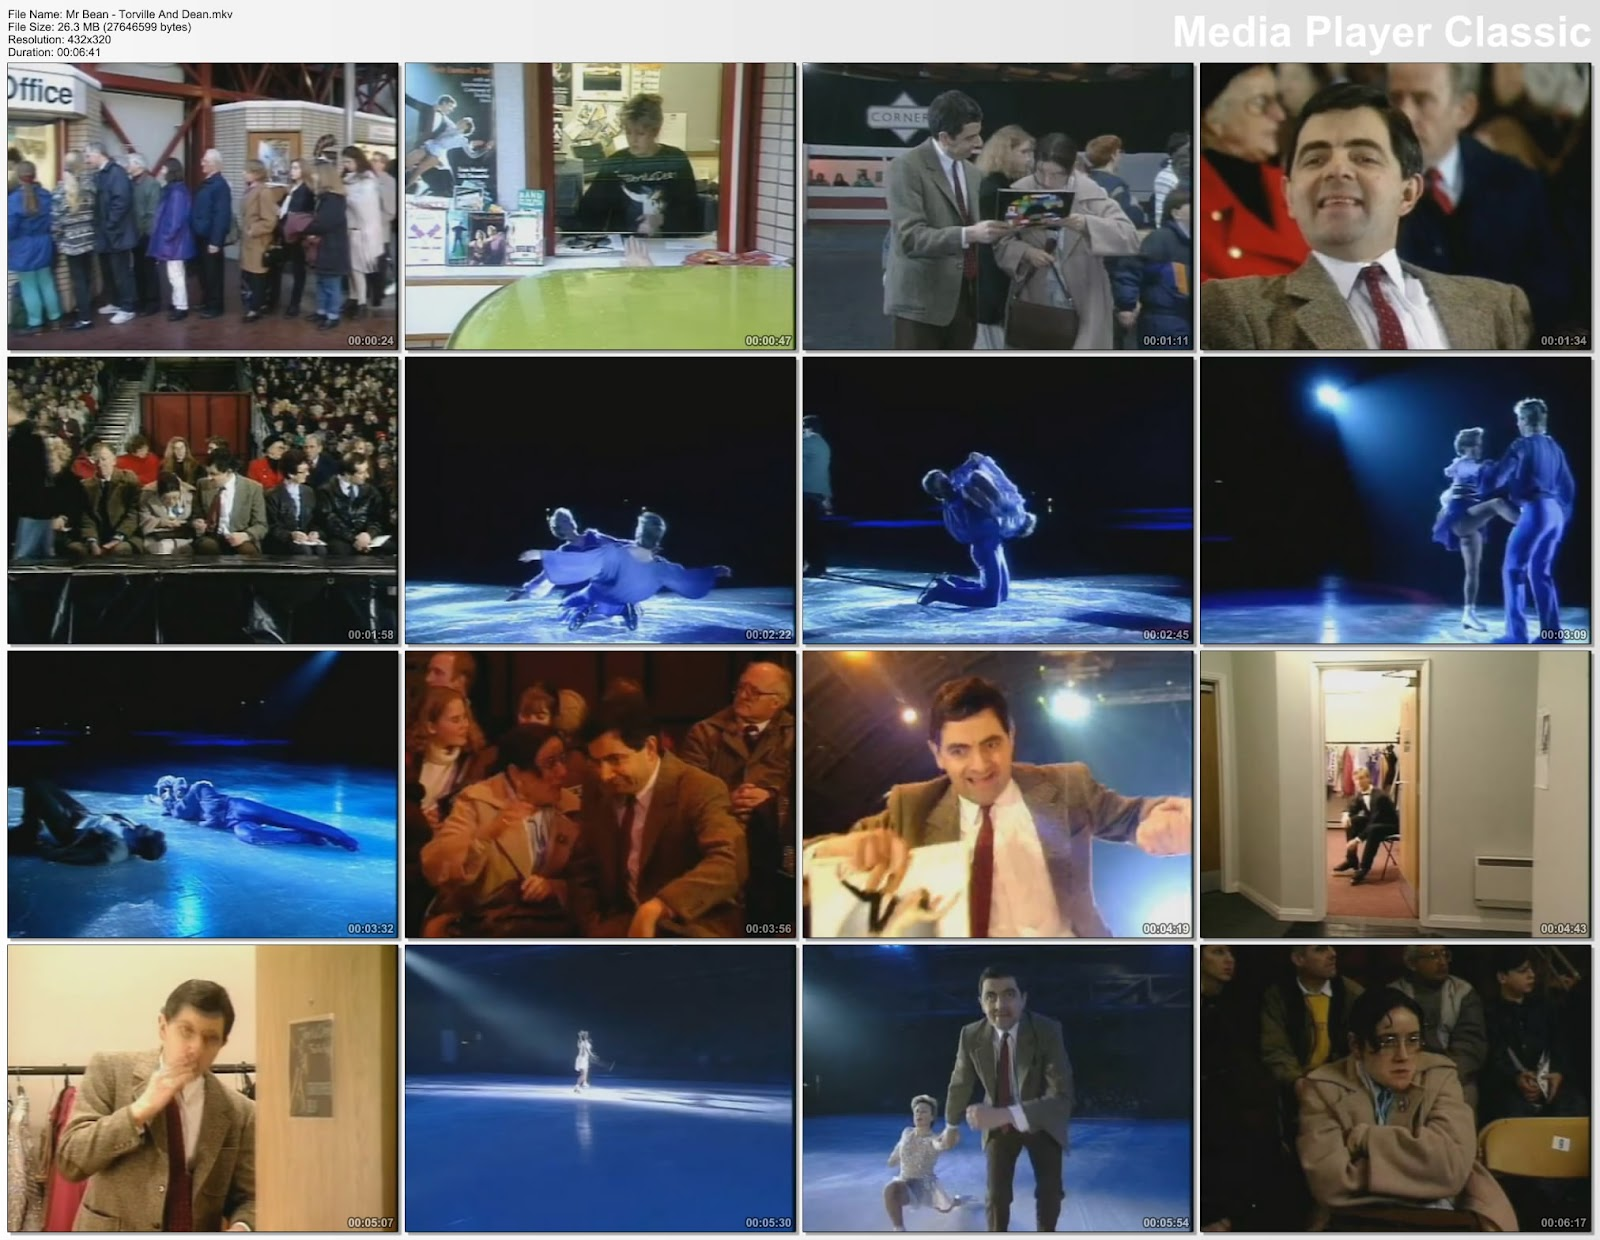 http://3.bp.blogspot.com/--tv3zgTZdzs/T-KsdkjTQjI/AAAAAAAABp4/onoqjwXvCY8/s1600/Mr+Bean+-+Torville+And+Dean.jpg